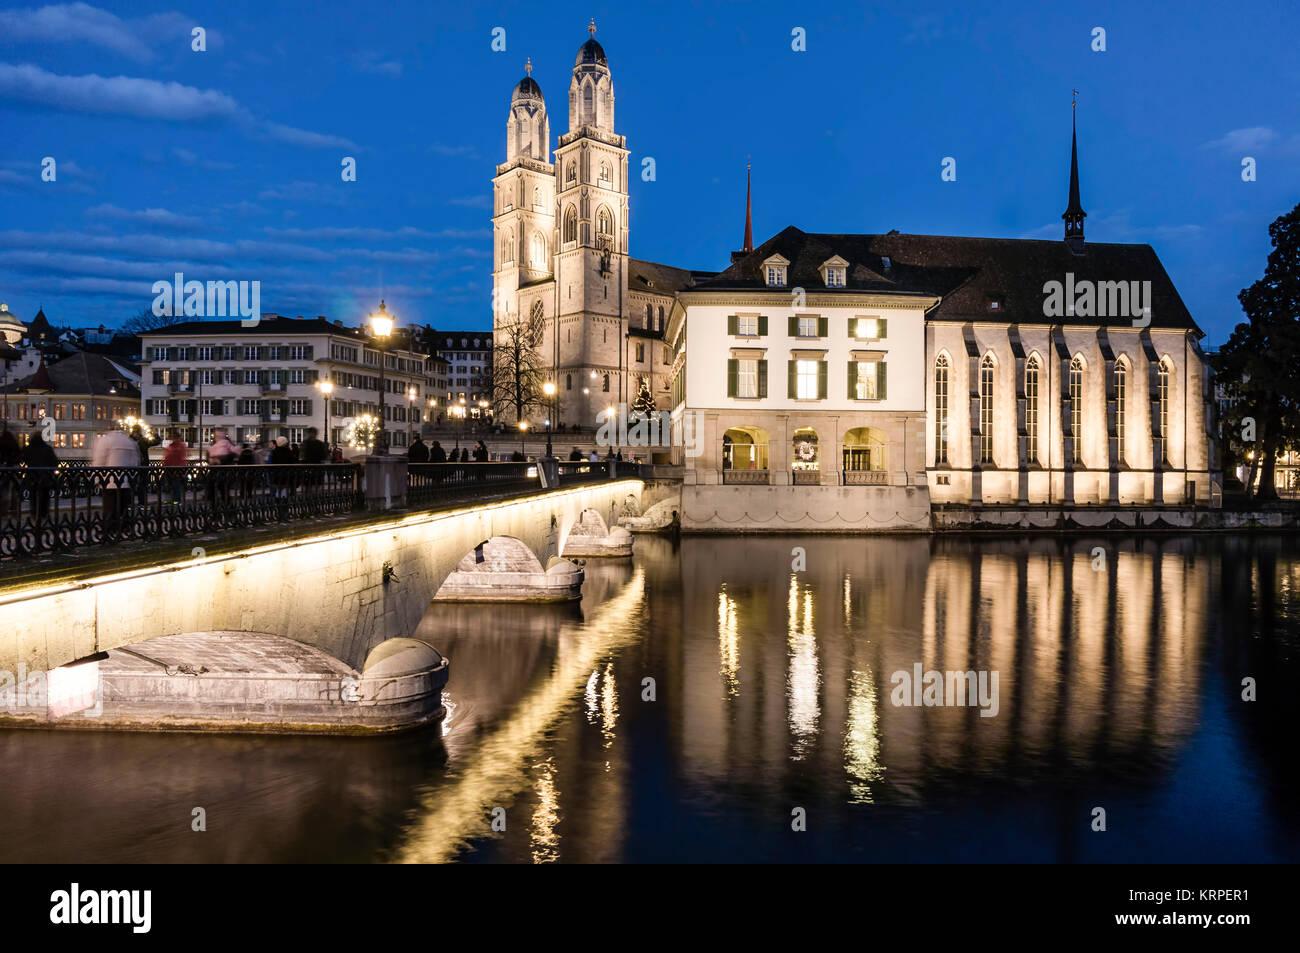 Grossmünster, Wasser Kirche, Fluss Limmat, Zürich, Schweiz Stockbild